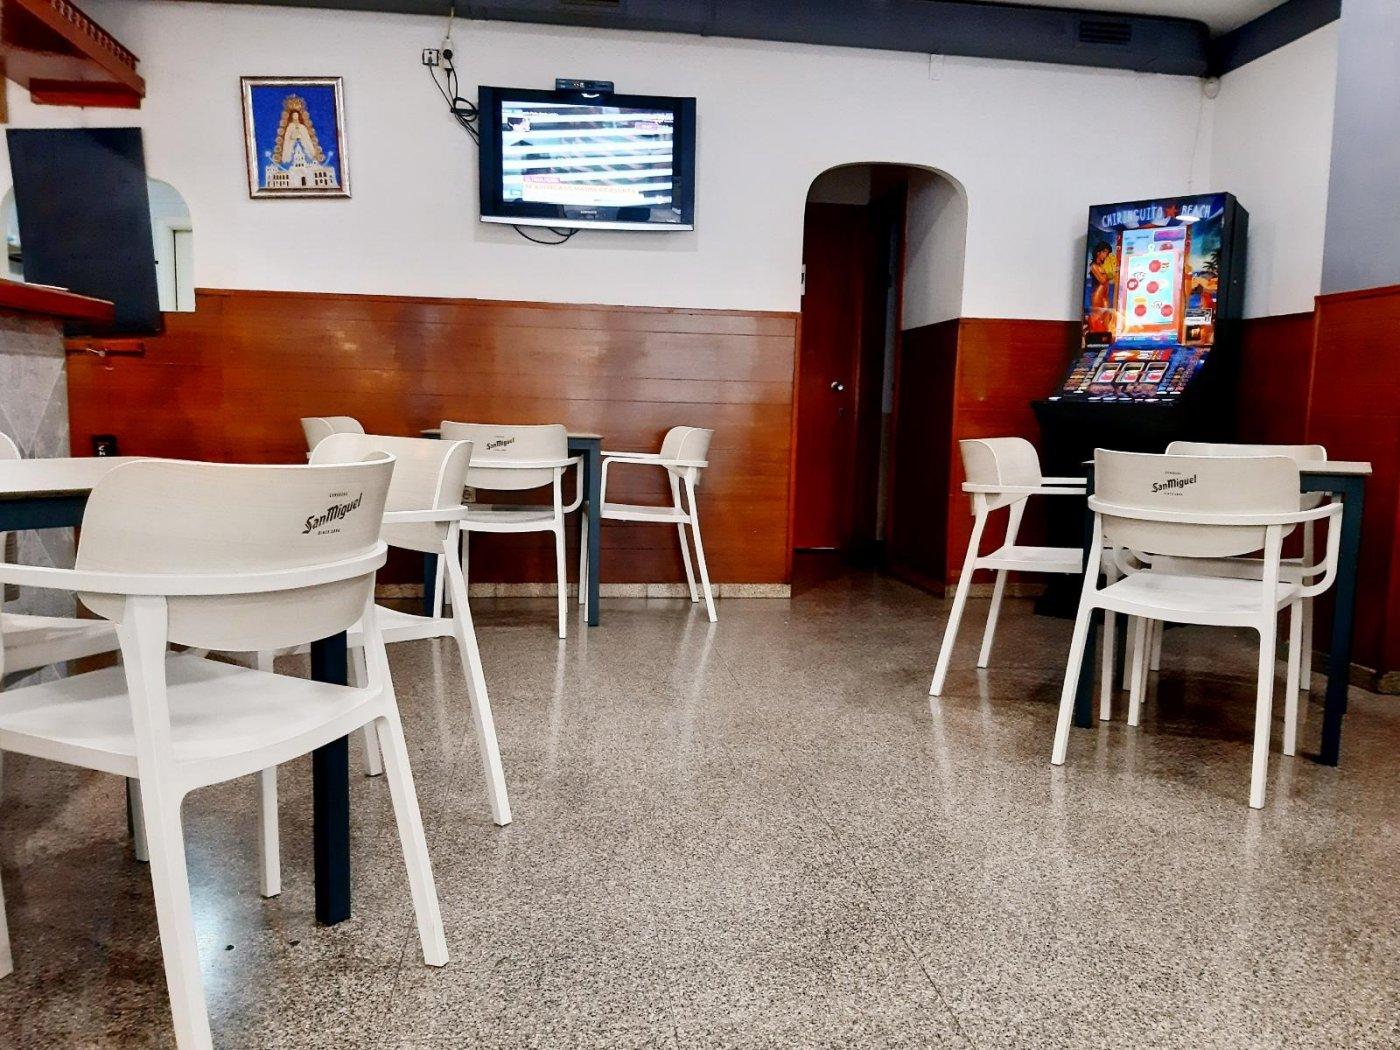 Oportunidad de traspaso de bar en excelente ubicación. centro de palma - imagenInmueble4